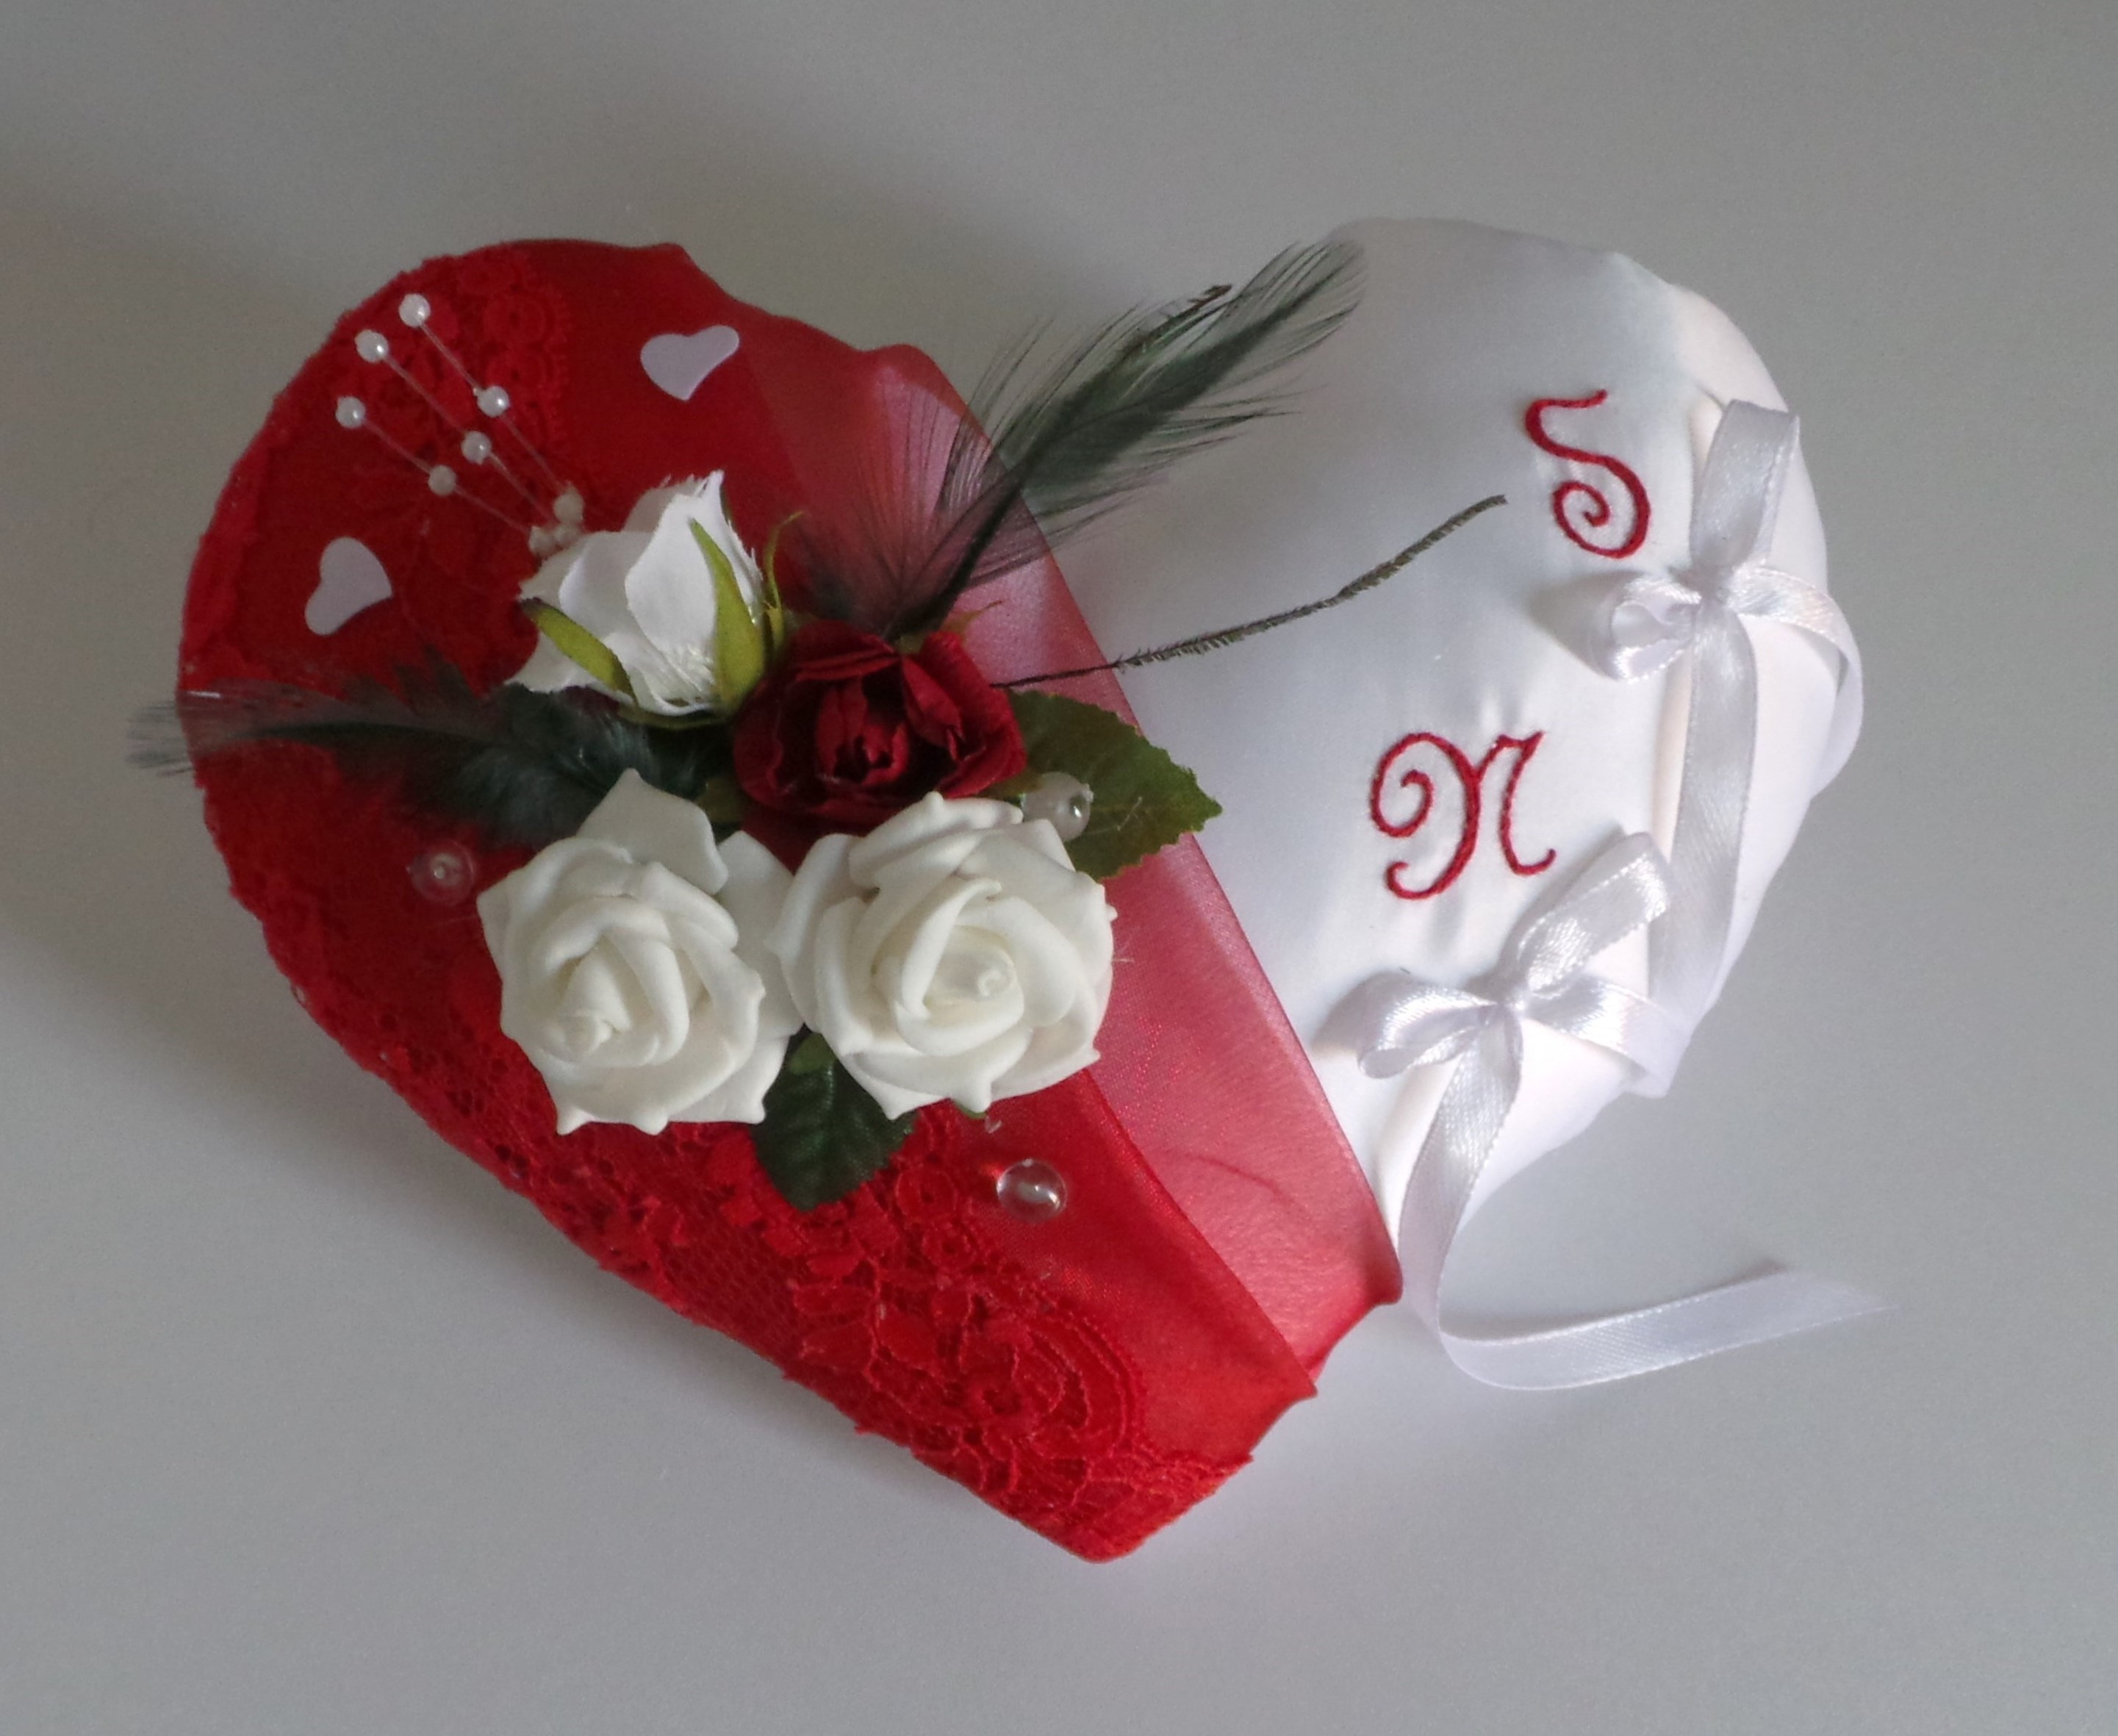 Coussin alliances coeur rouge blanc  personnalisé